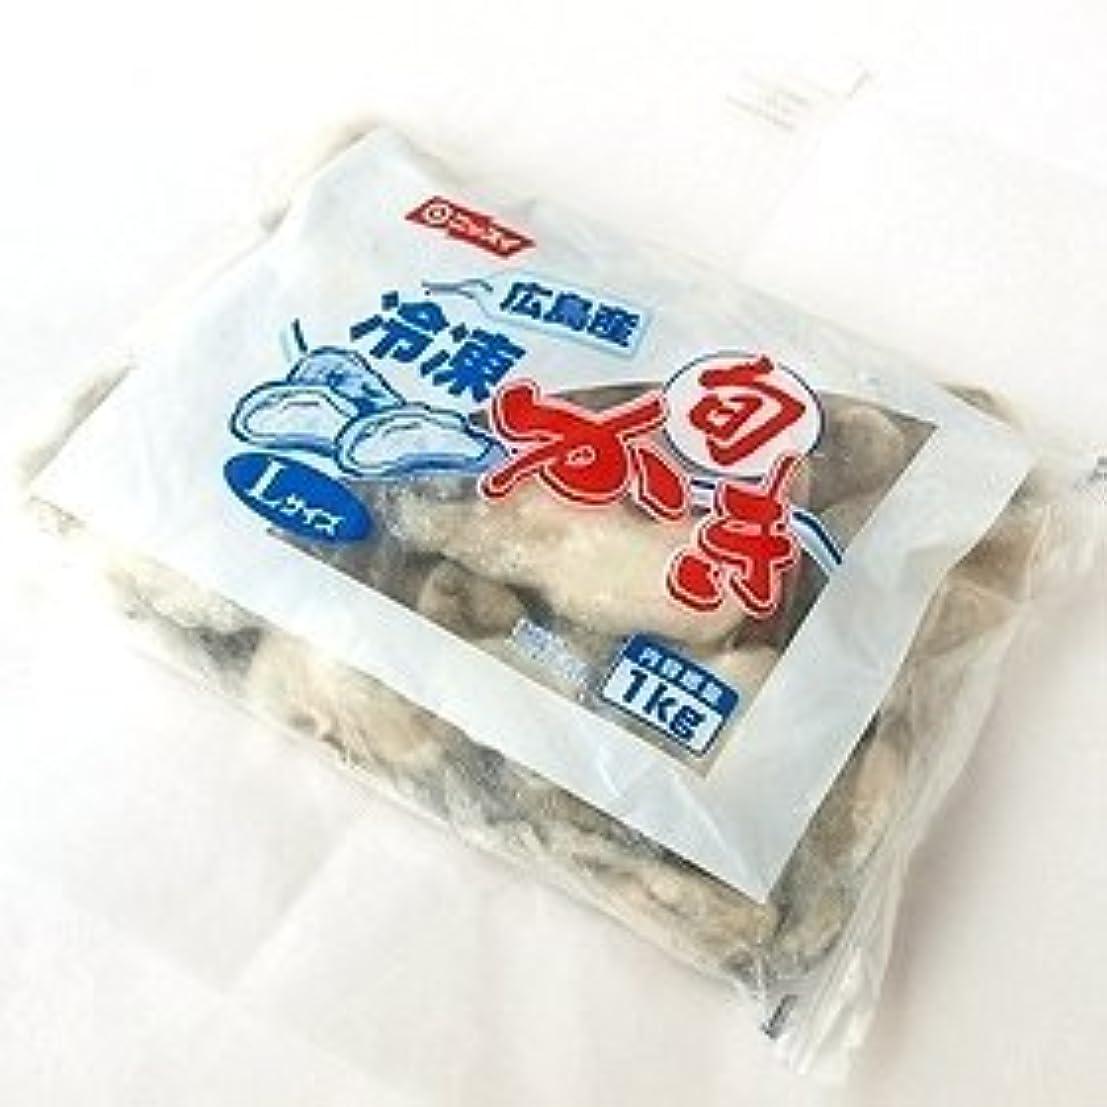 白鳥線許可ニッスイ 広島産 冷凍旬ツブかき(加熱用) Lサイズ 850g×2パック 要冷凍